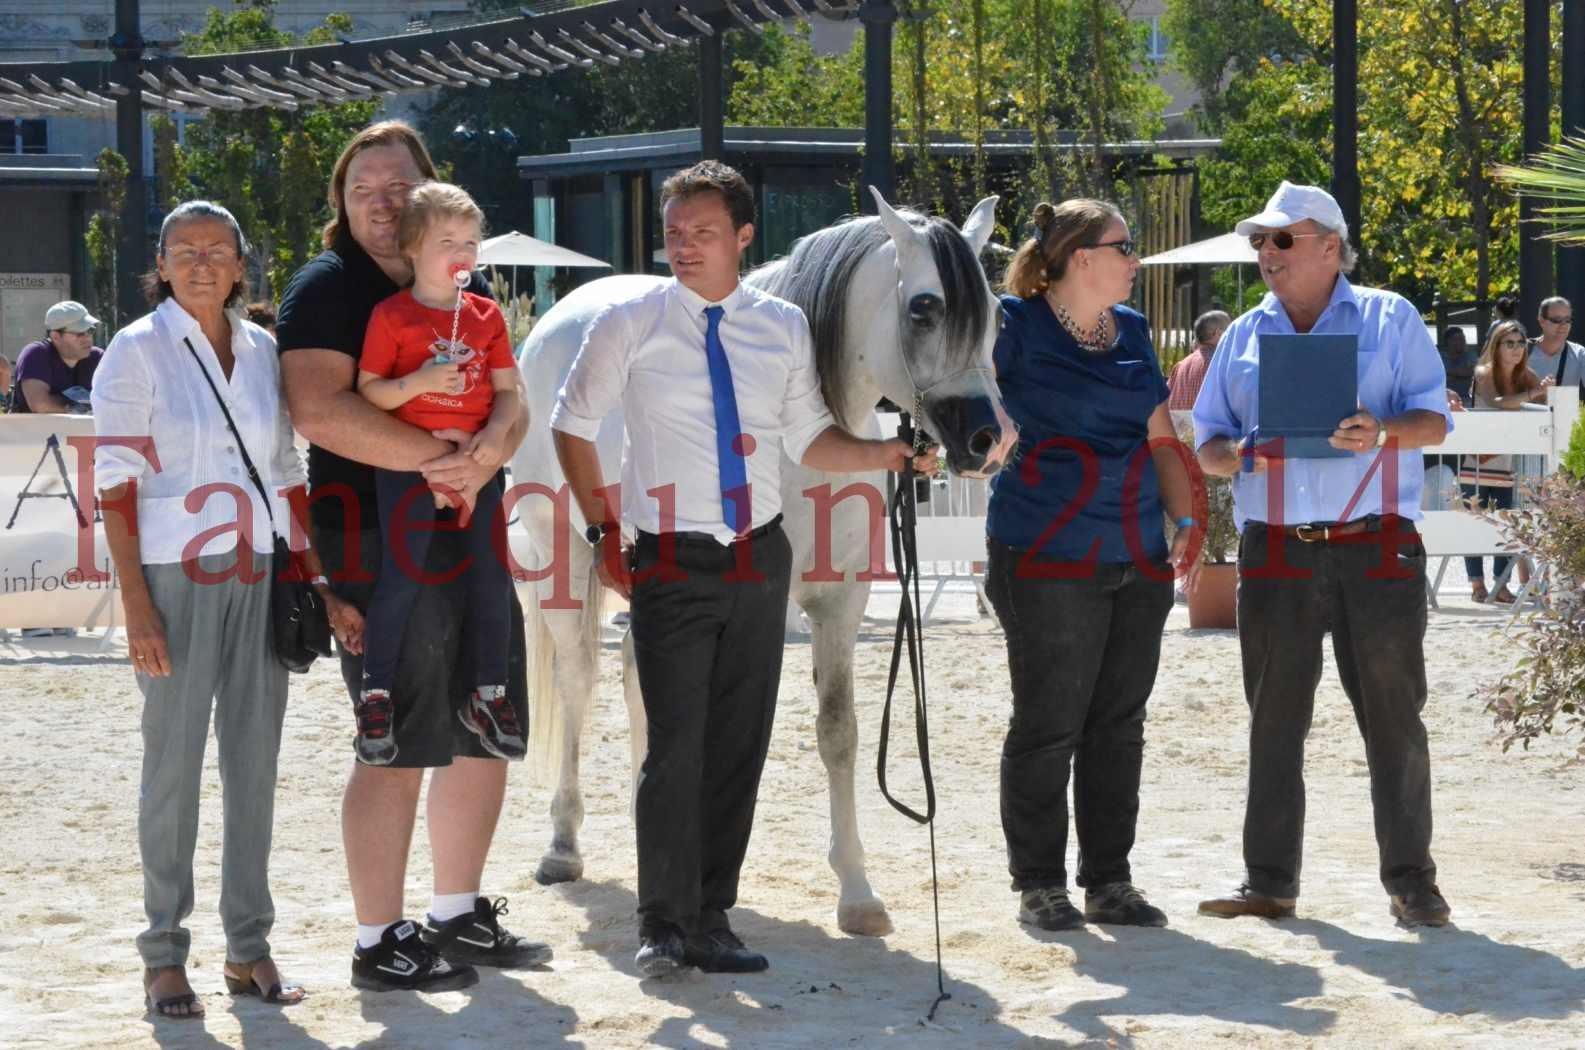 Concours National de Nîmes de chevaux ARABES 2014 - Sélection - SHAOLIN DE NEDJAIA - 90